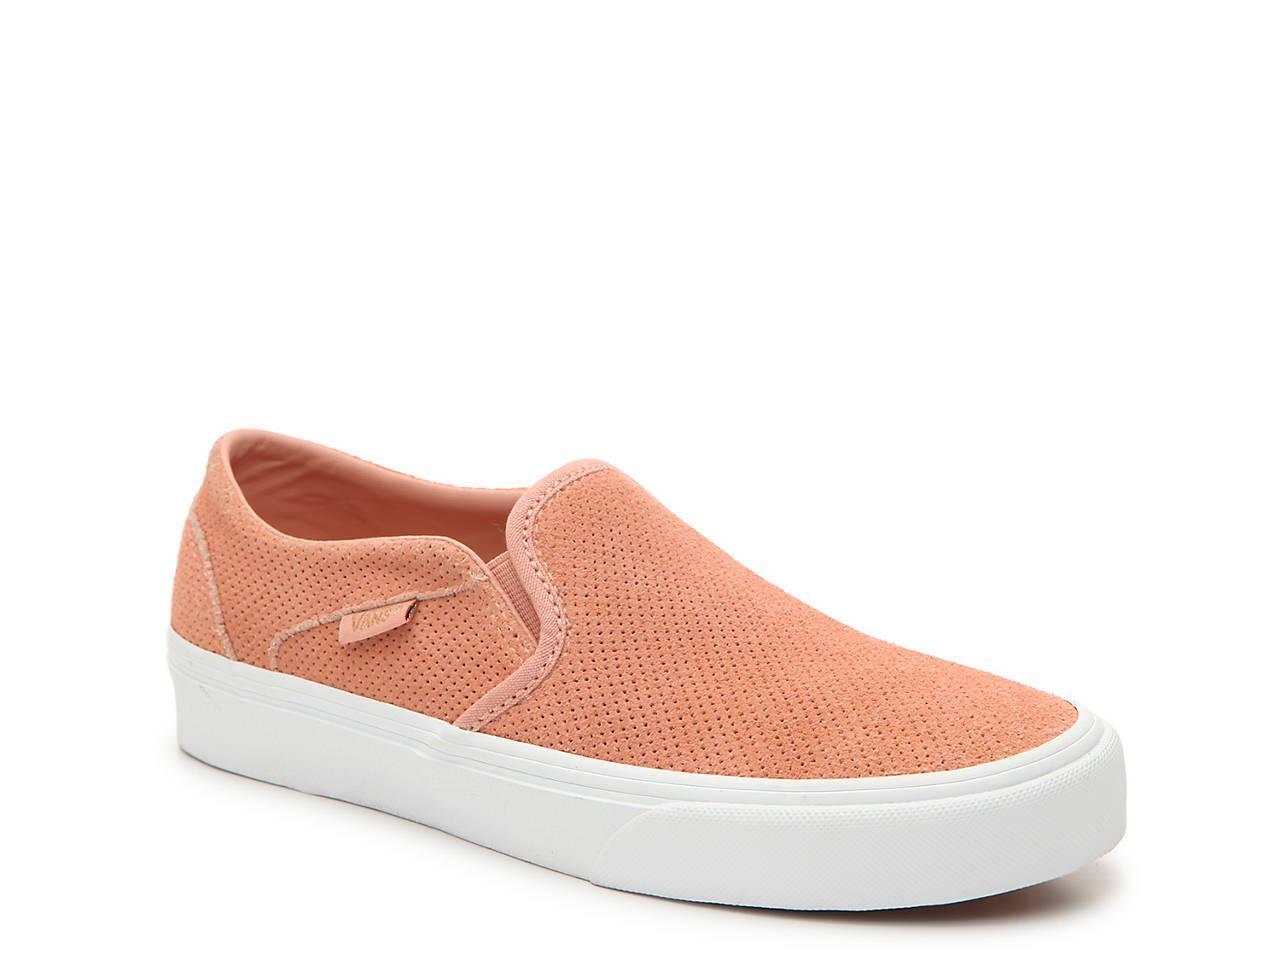 68a2894cf05a82 Vans Asher Slip-On Sneaker - Women s Women s Shoes